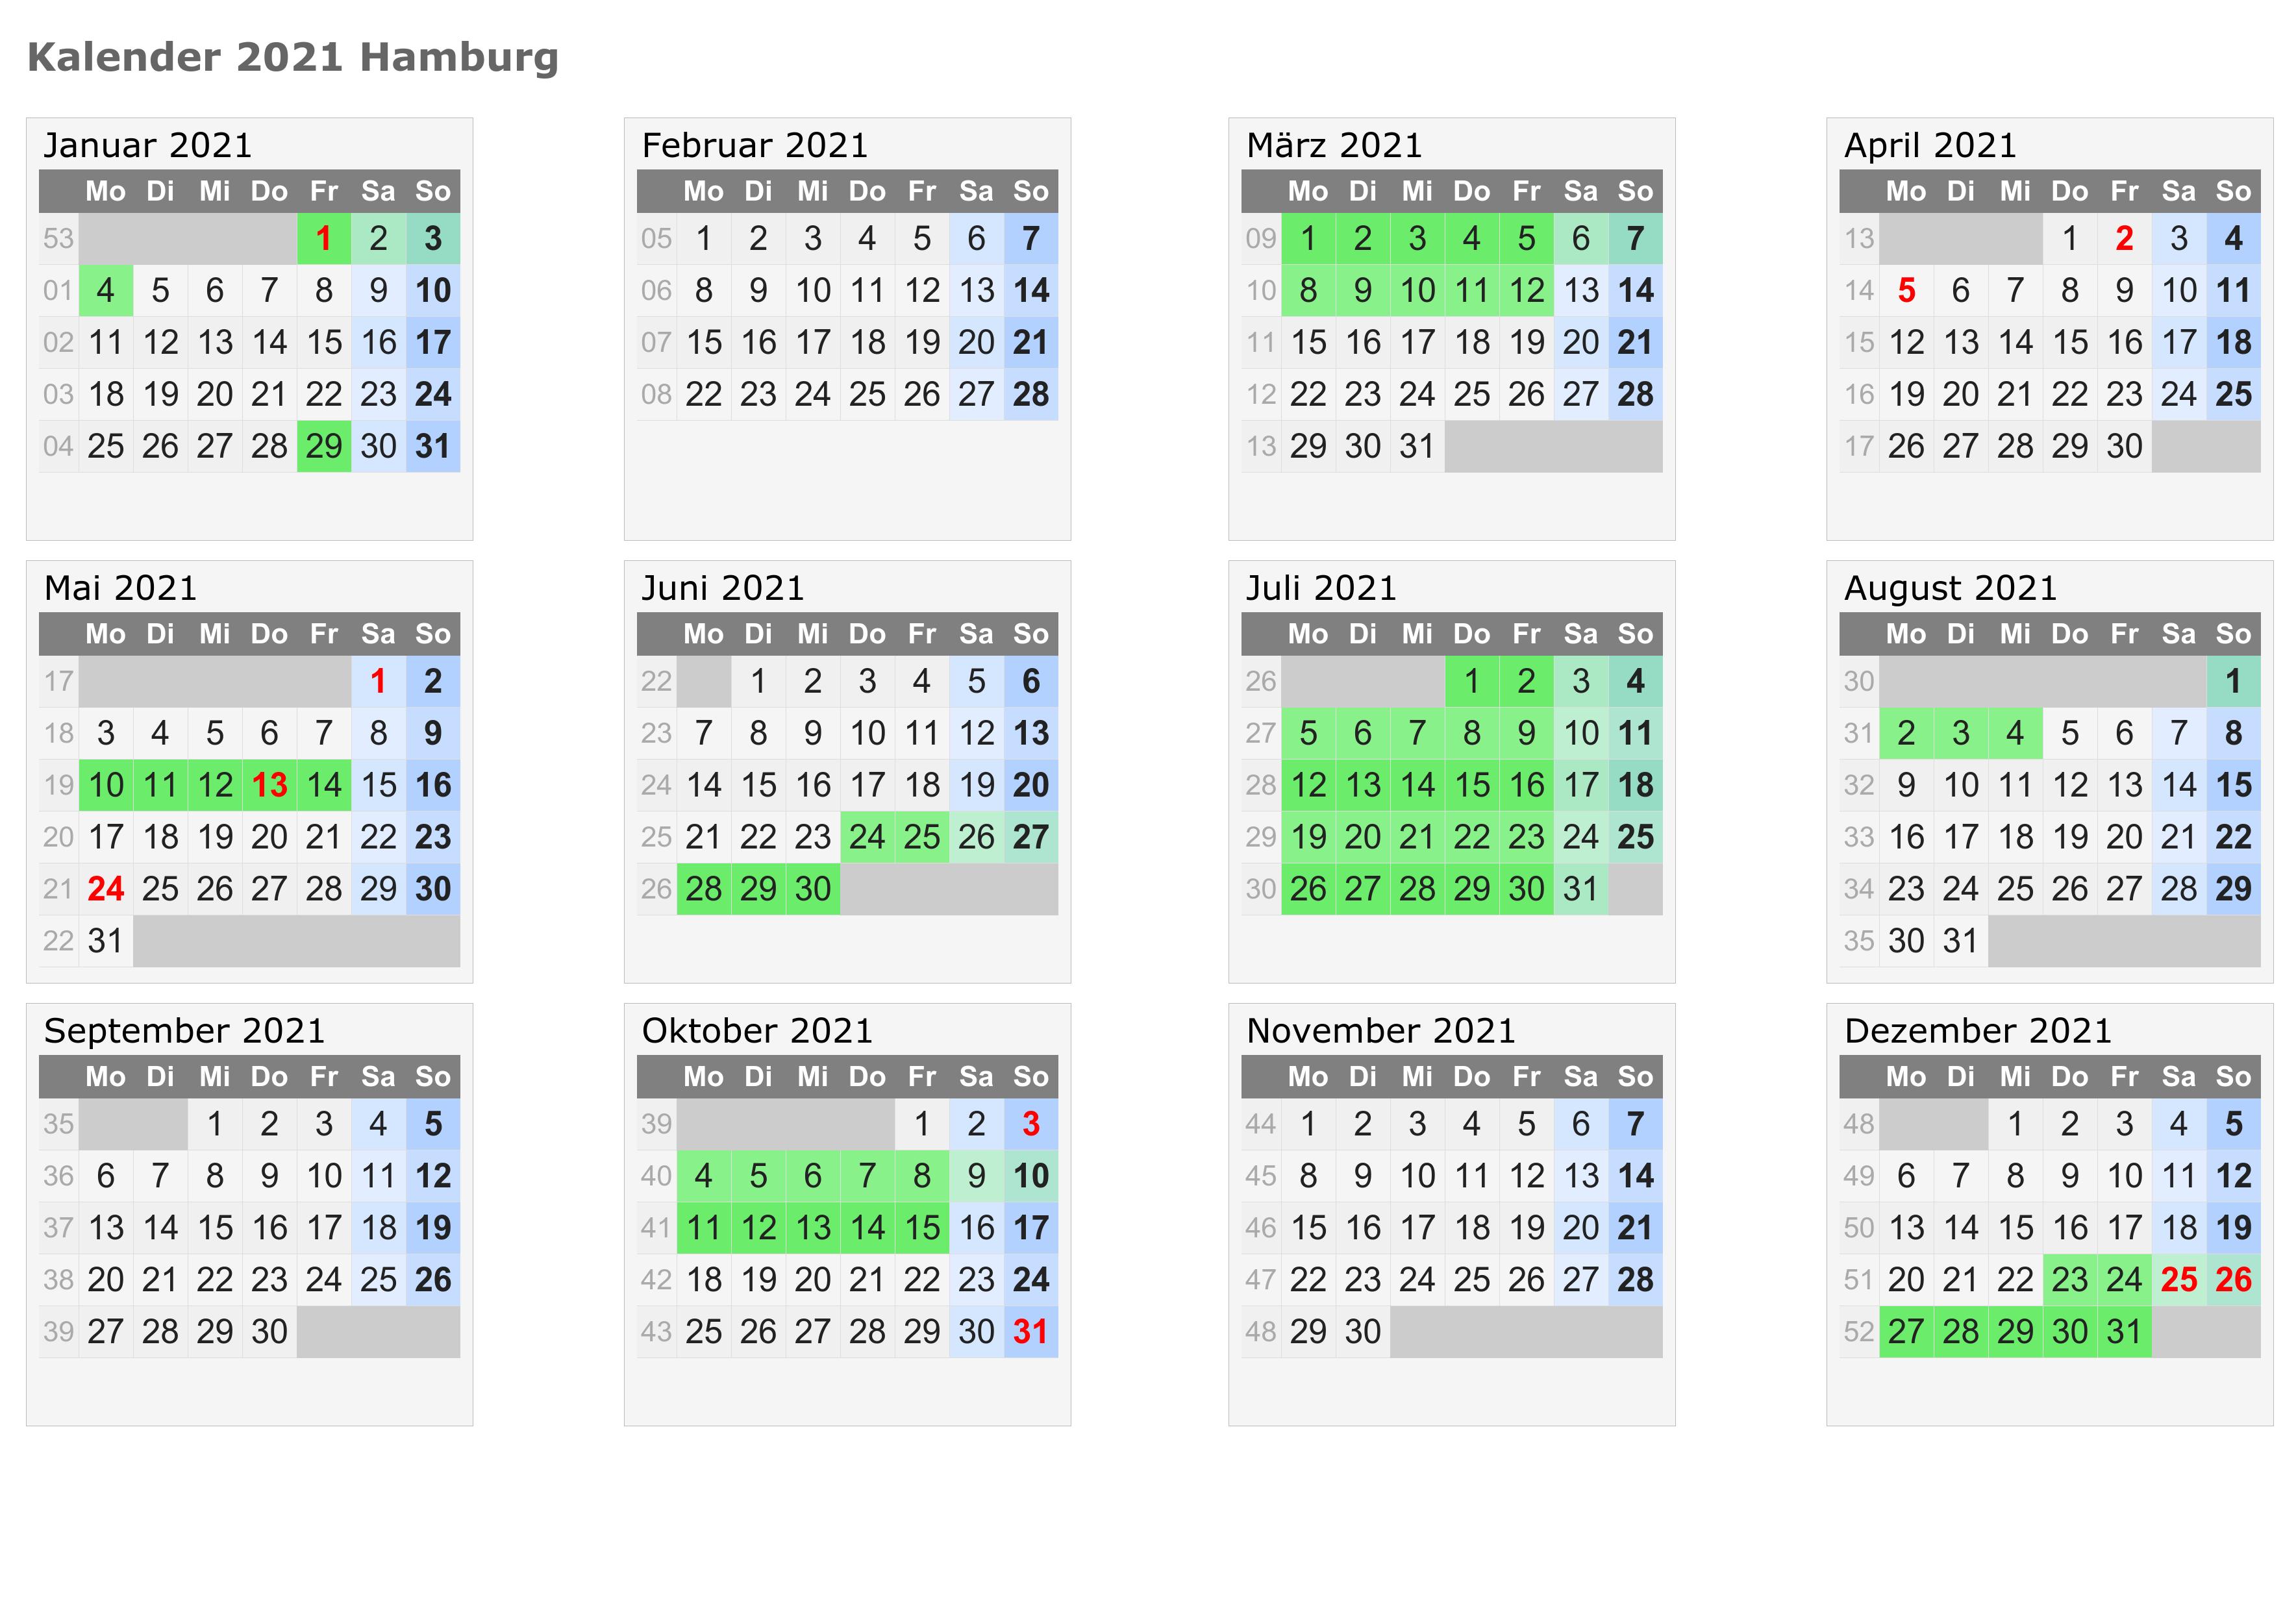 Kalender Hamburg 2021 Zum Ausdrucken